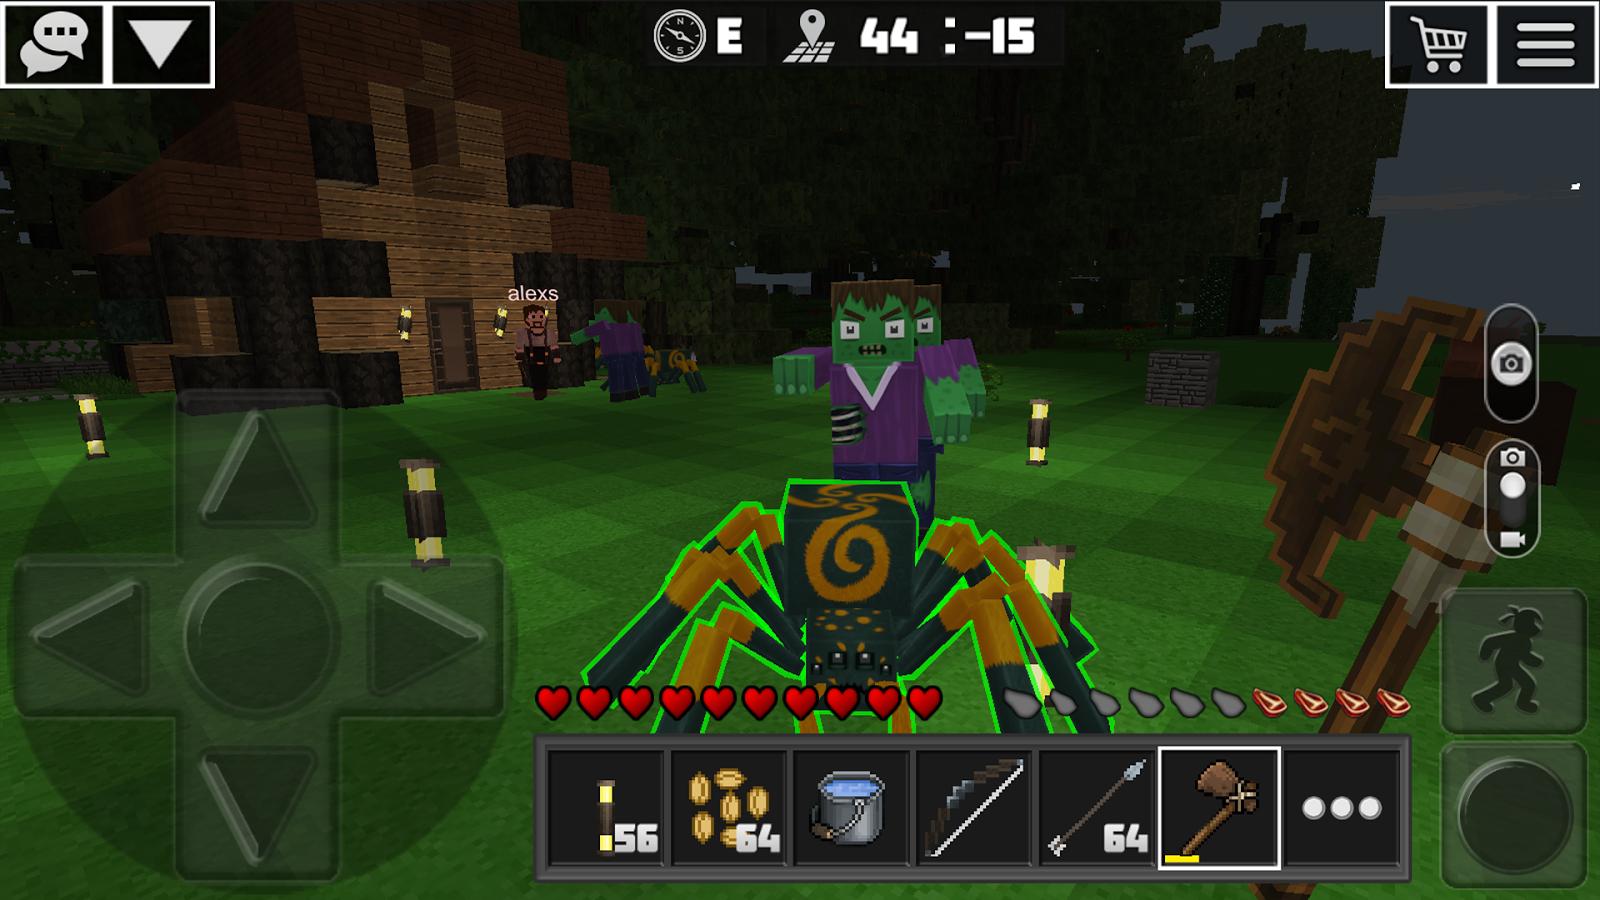 Скачать Planet of Cubes 4.2.0.1 для Android Виртуальный Человек